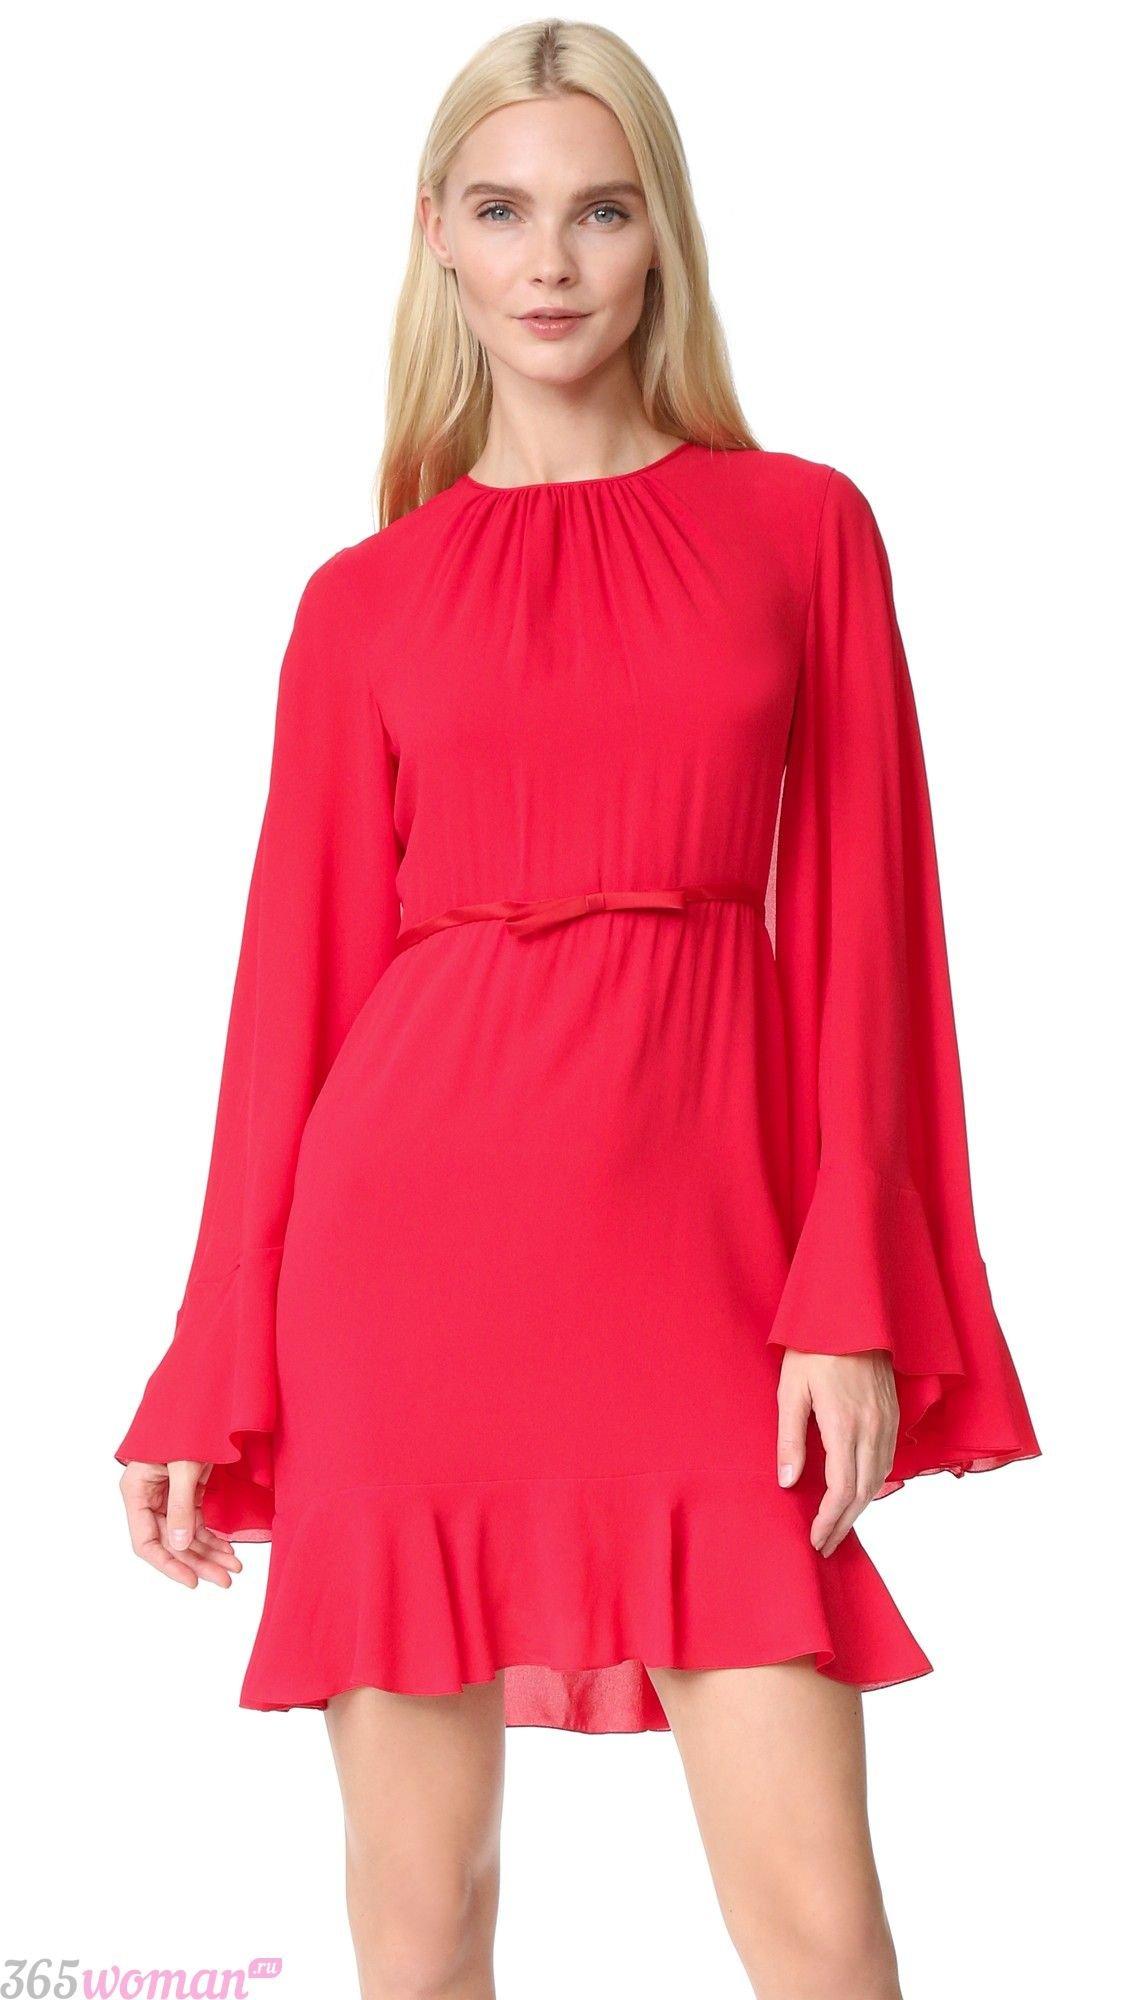 что одеть на день святого валентина 2019: красное платье с широкими рукавами